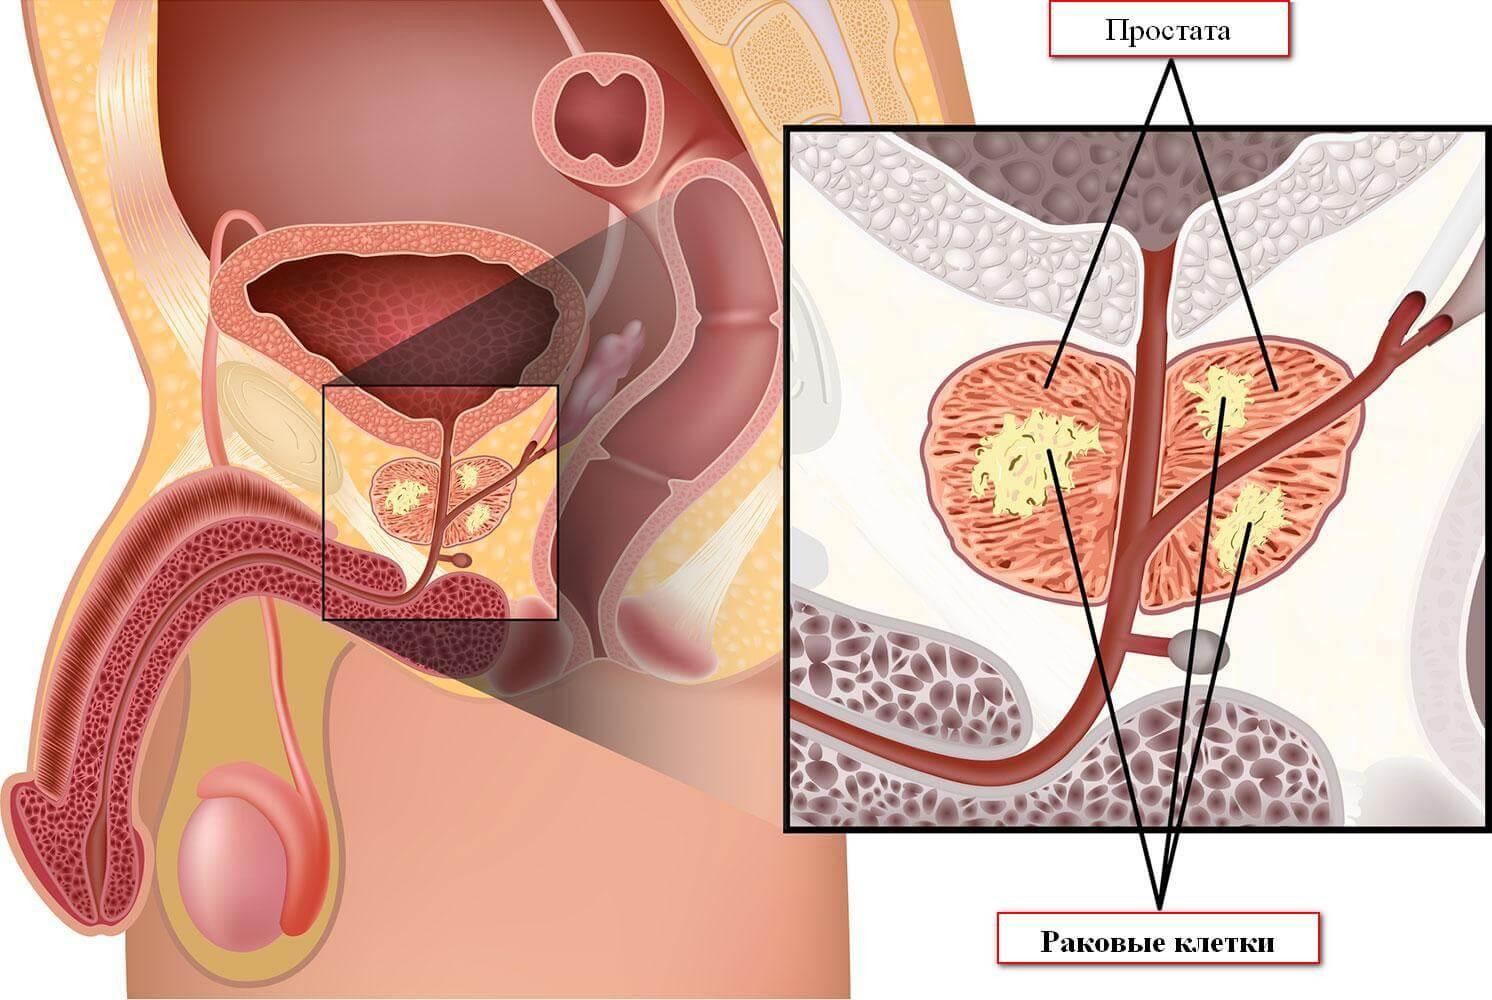 Расположение раковых клеток при раке предстательной железы